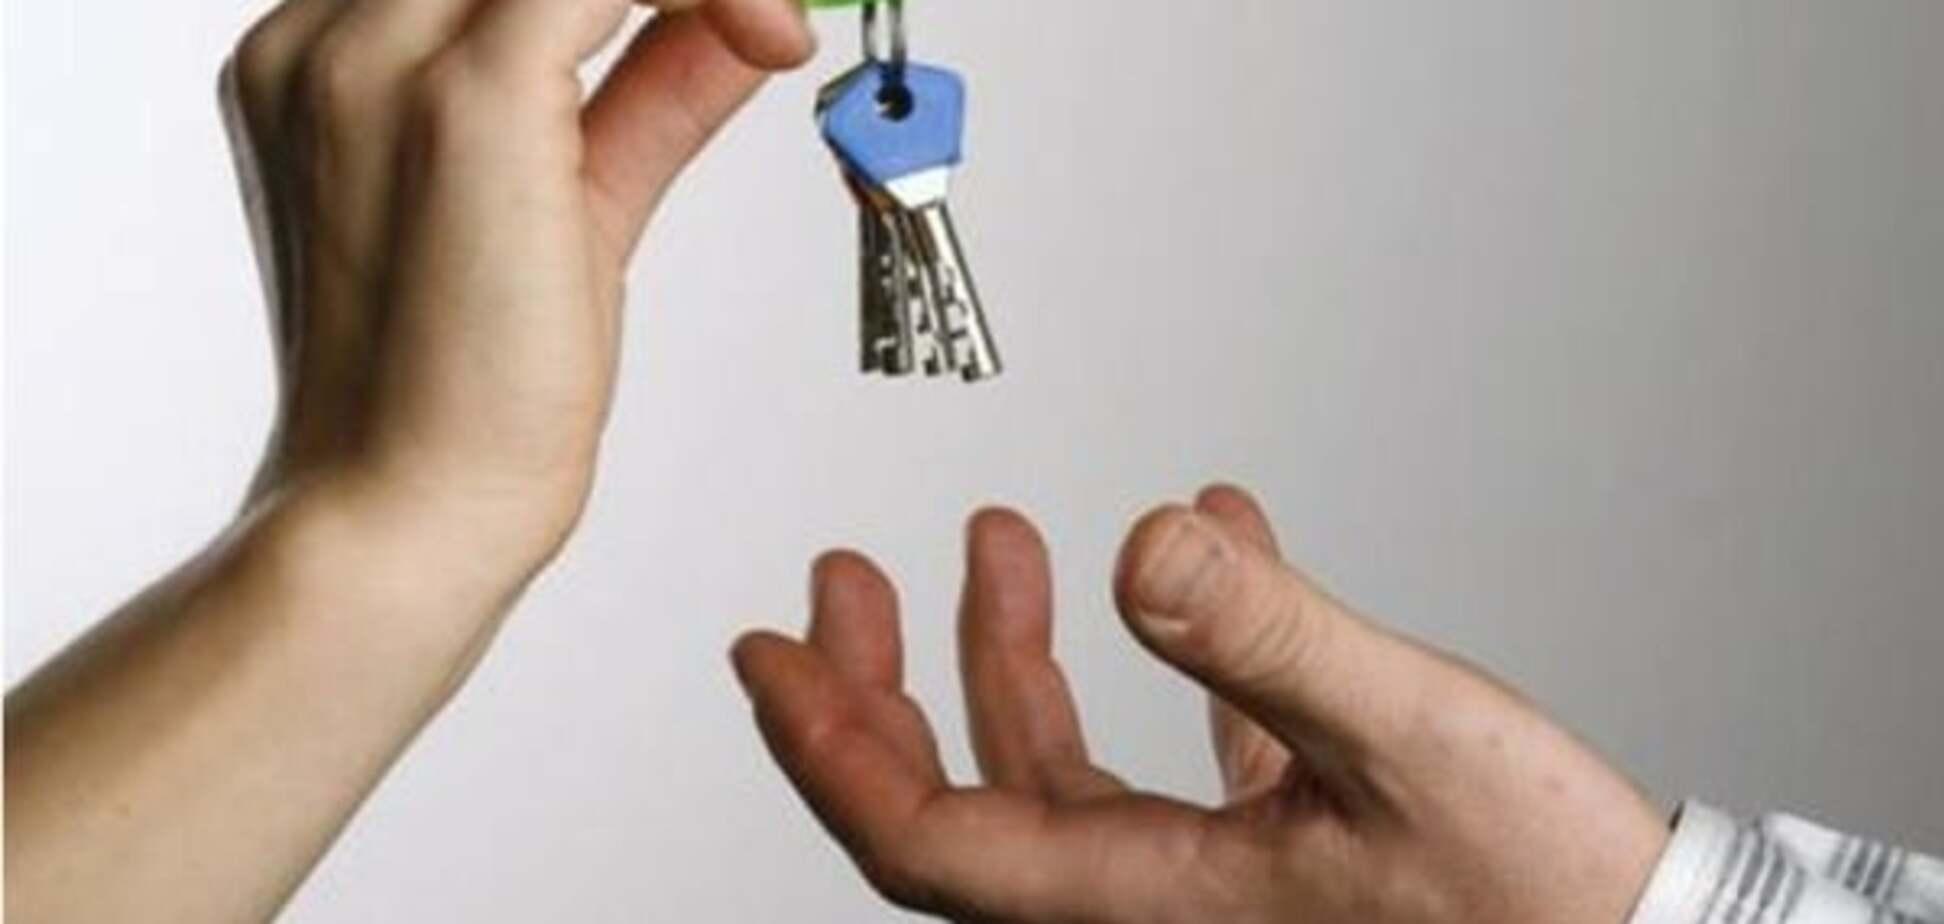 Експерти розповіли, як не стати жертвою шахраїв, знімаючи квартиру